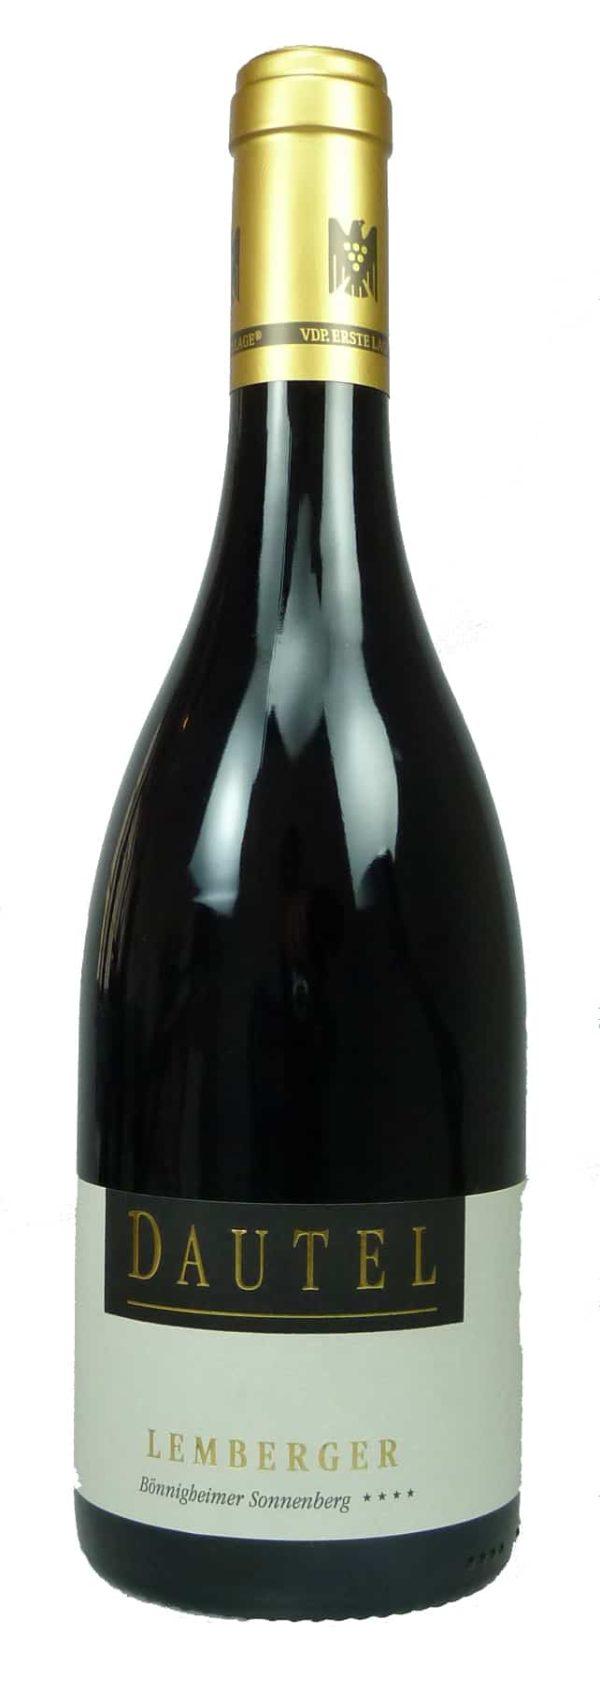 Bönnigheimer Sonnenberg Lemberger ****  Qualitätswein trocken  2015